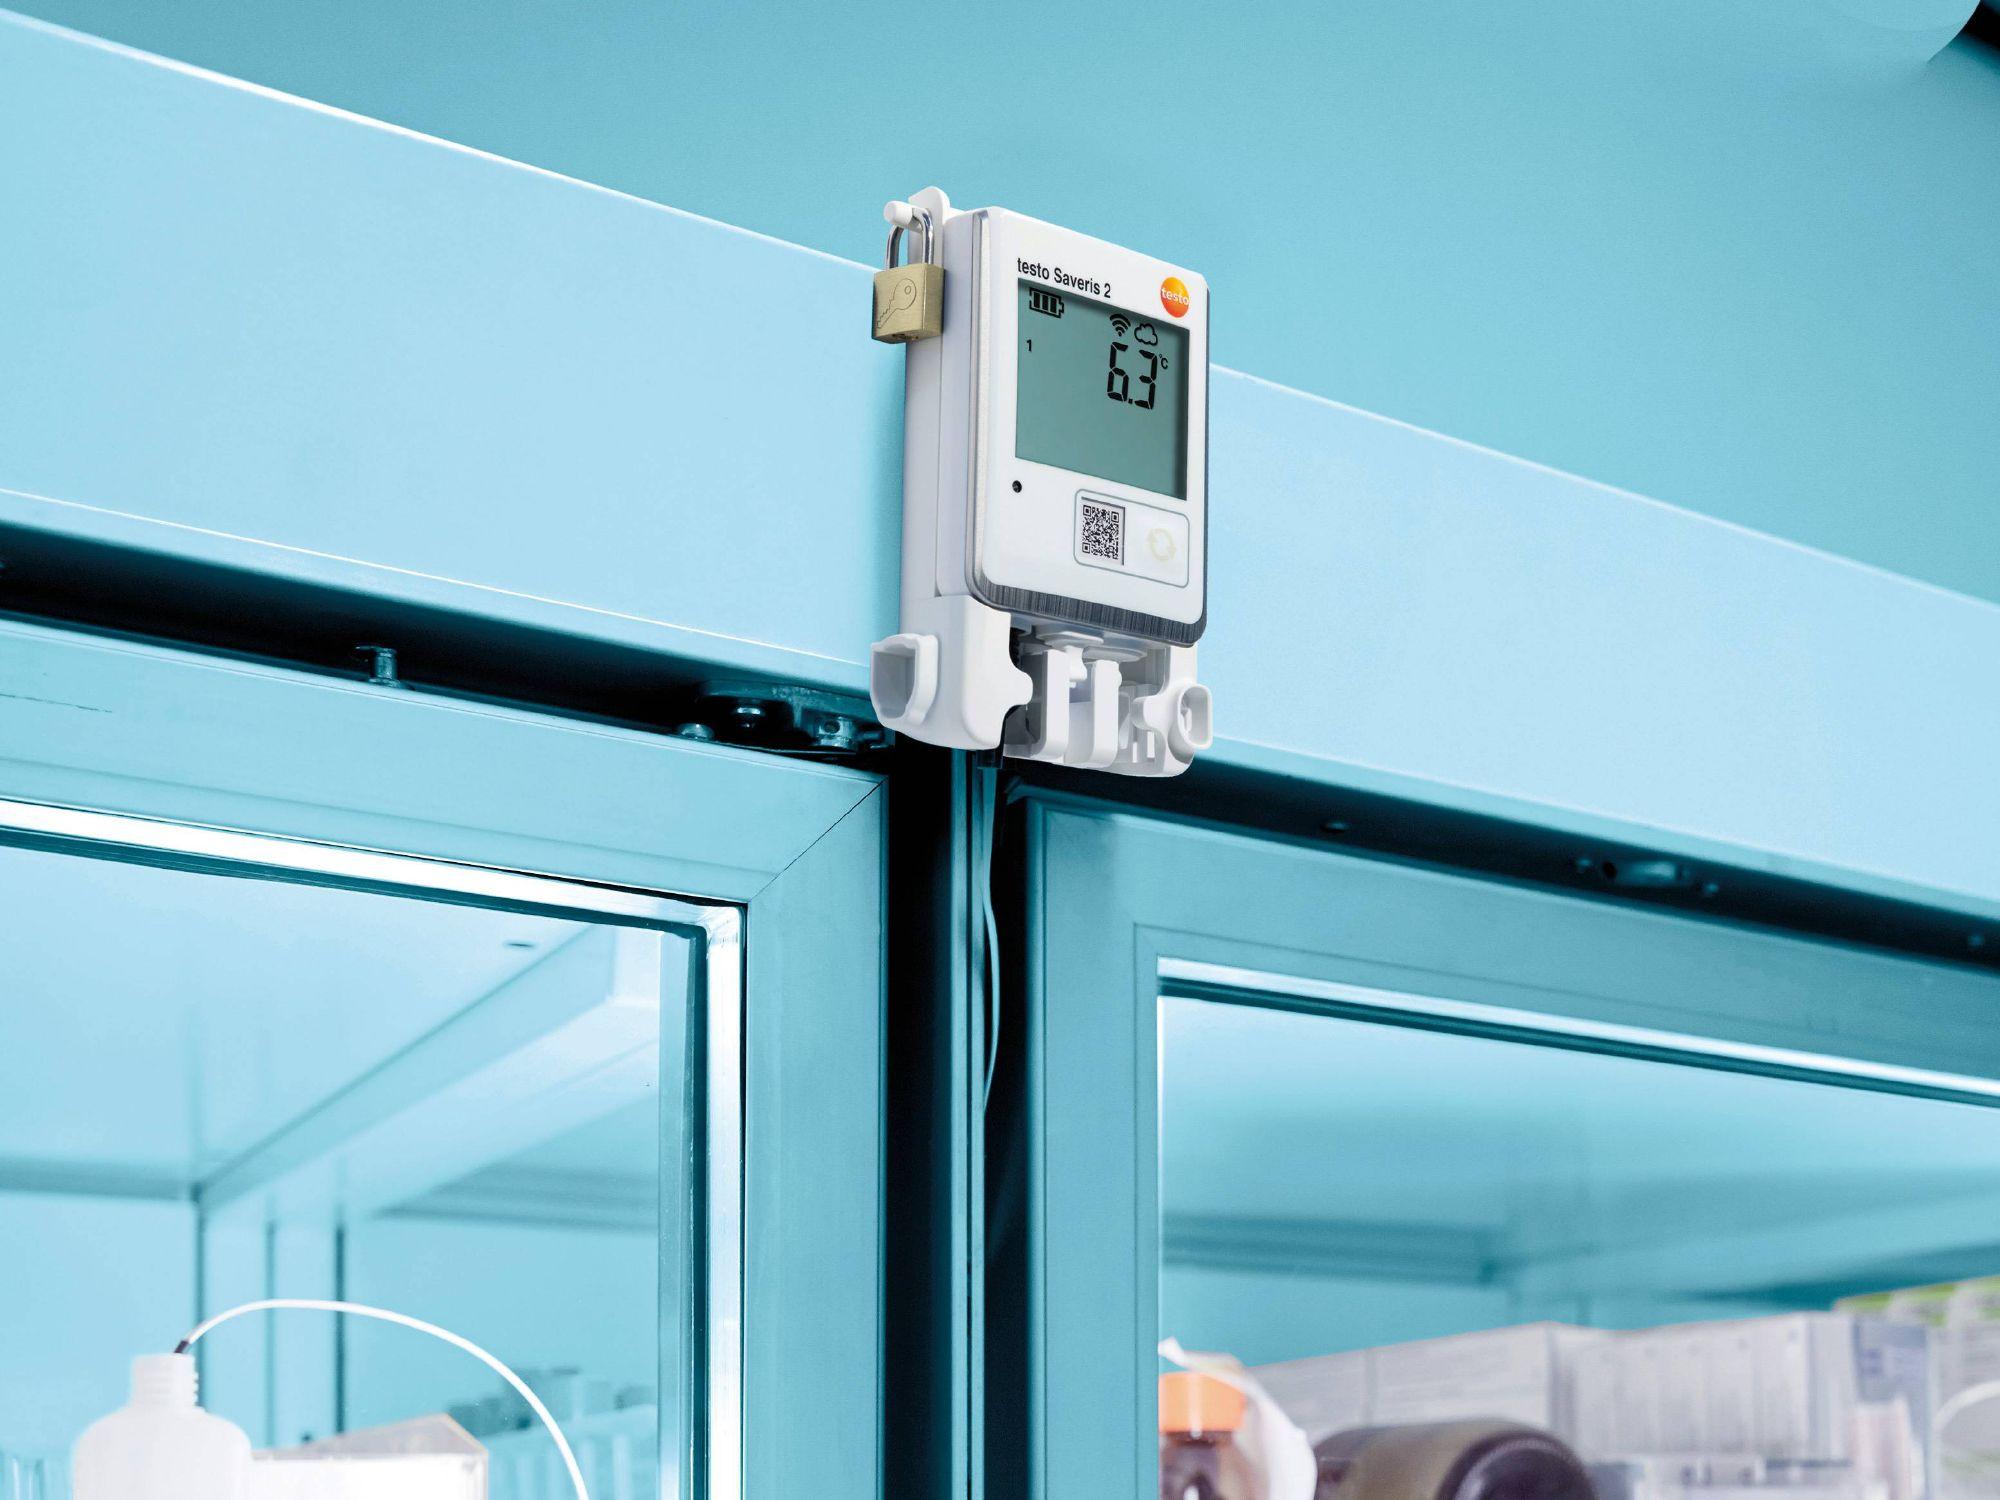 A ribbon cable probe monitors the temperature inside a medicine refrigerator